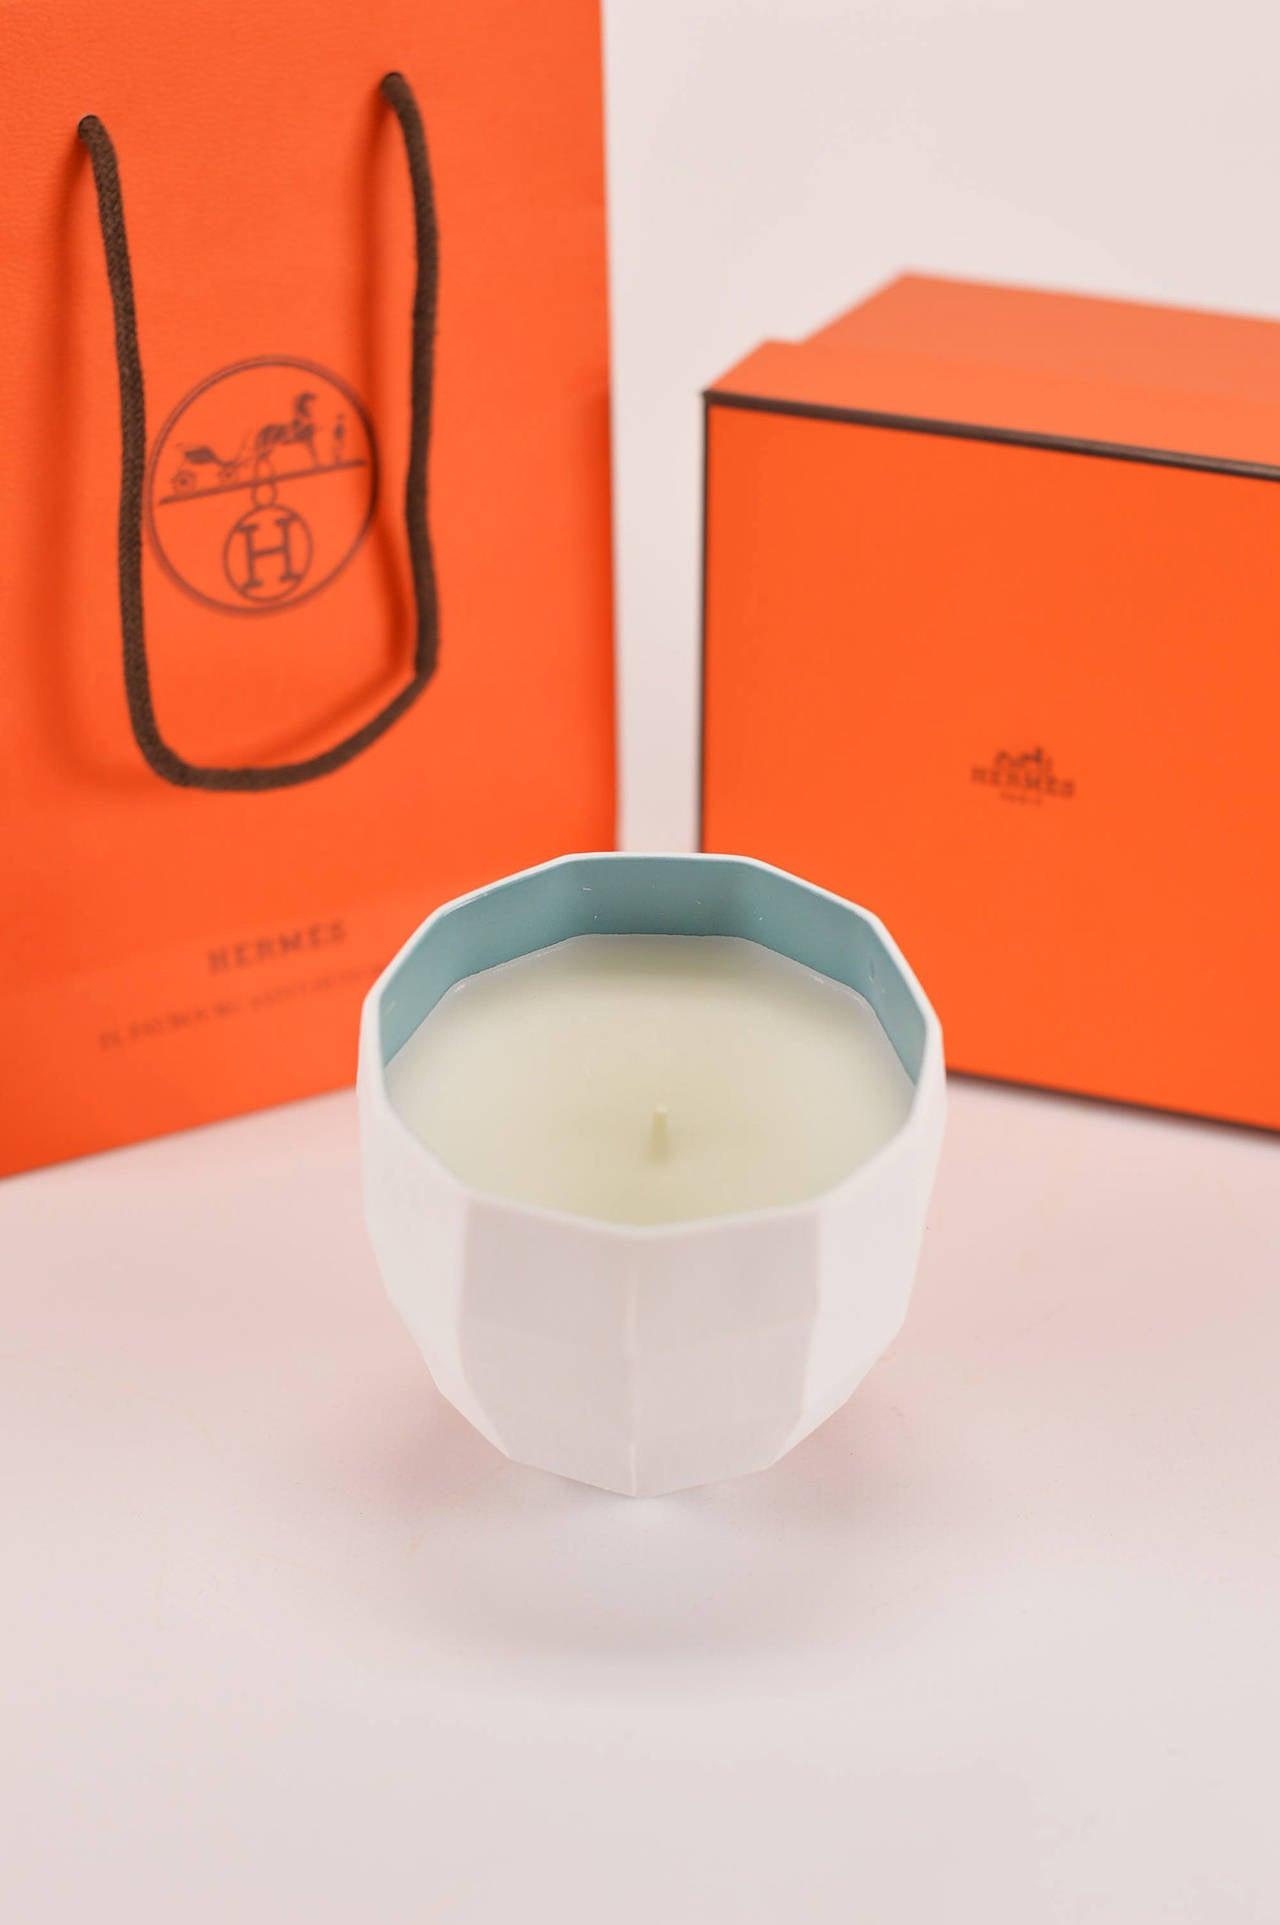 Hermes le parfum de la maison bougie petit modele fenetre for Maison de la bougie